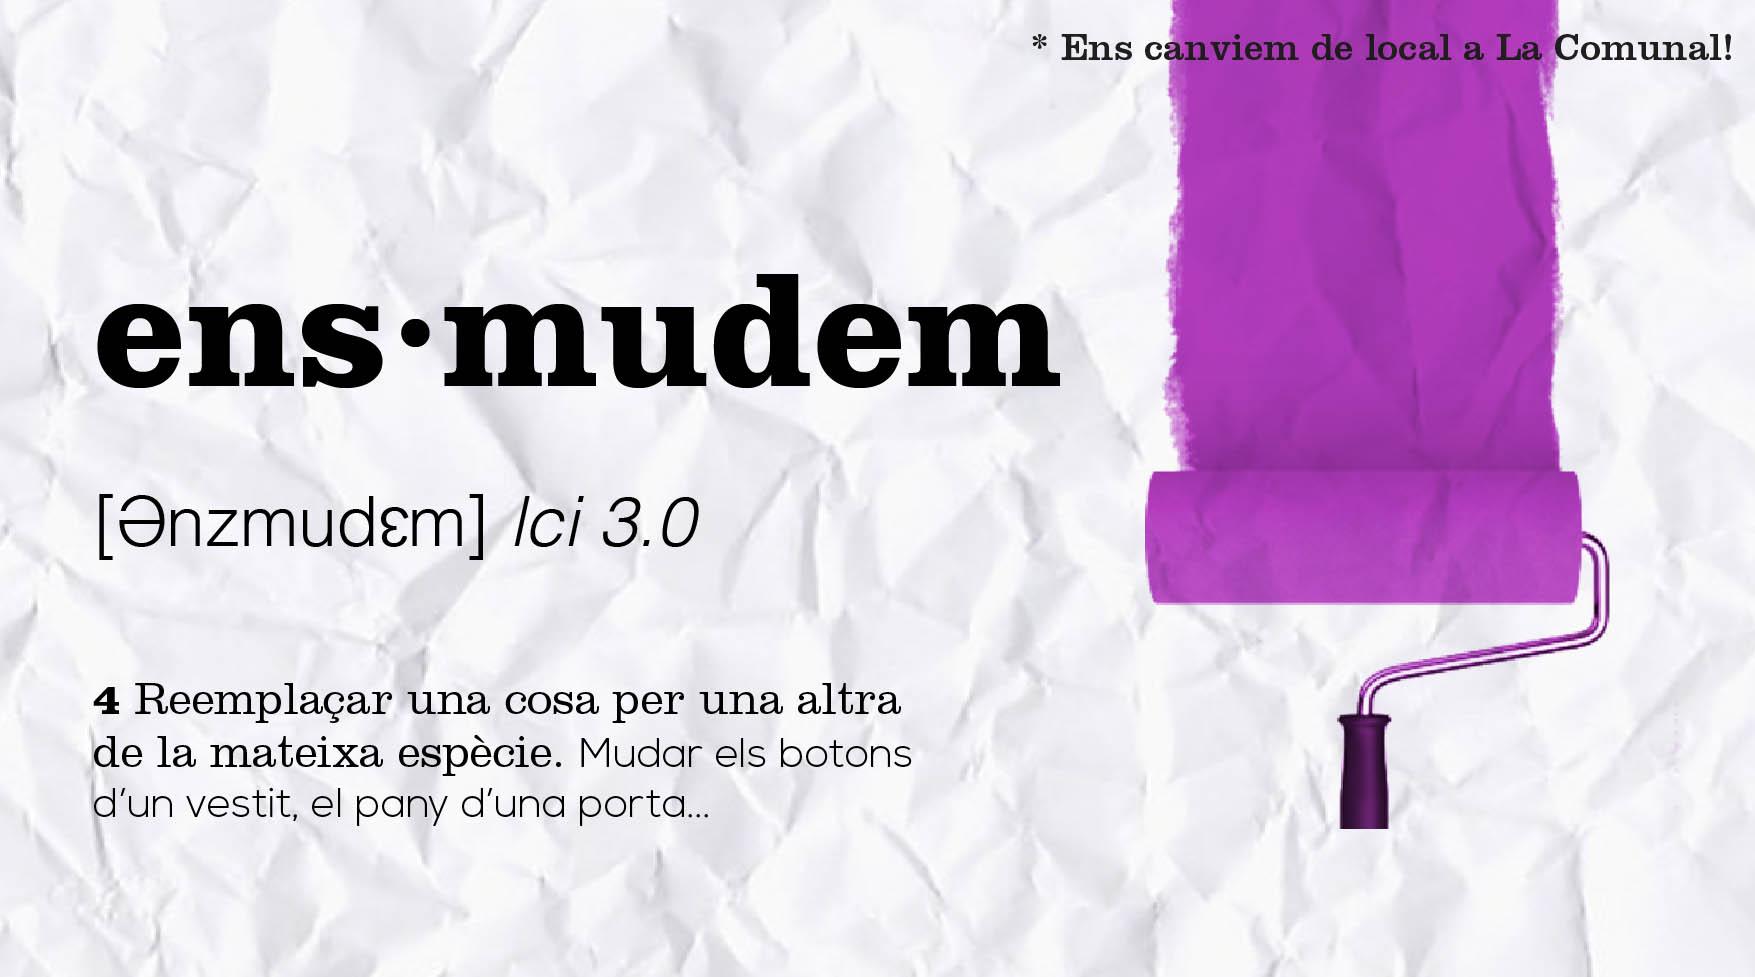 banner_ensmudem-4_newsletter